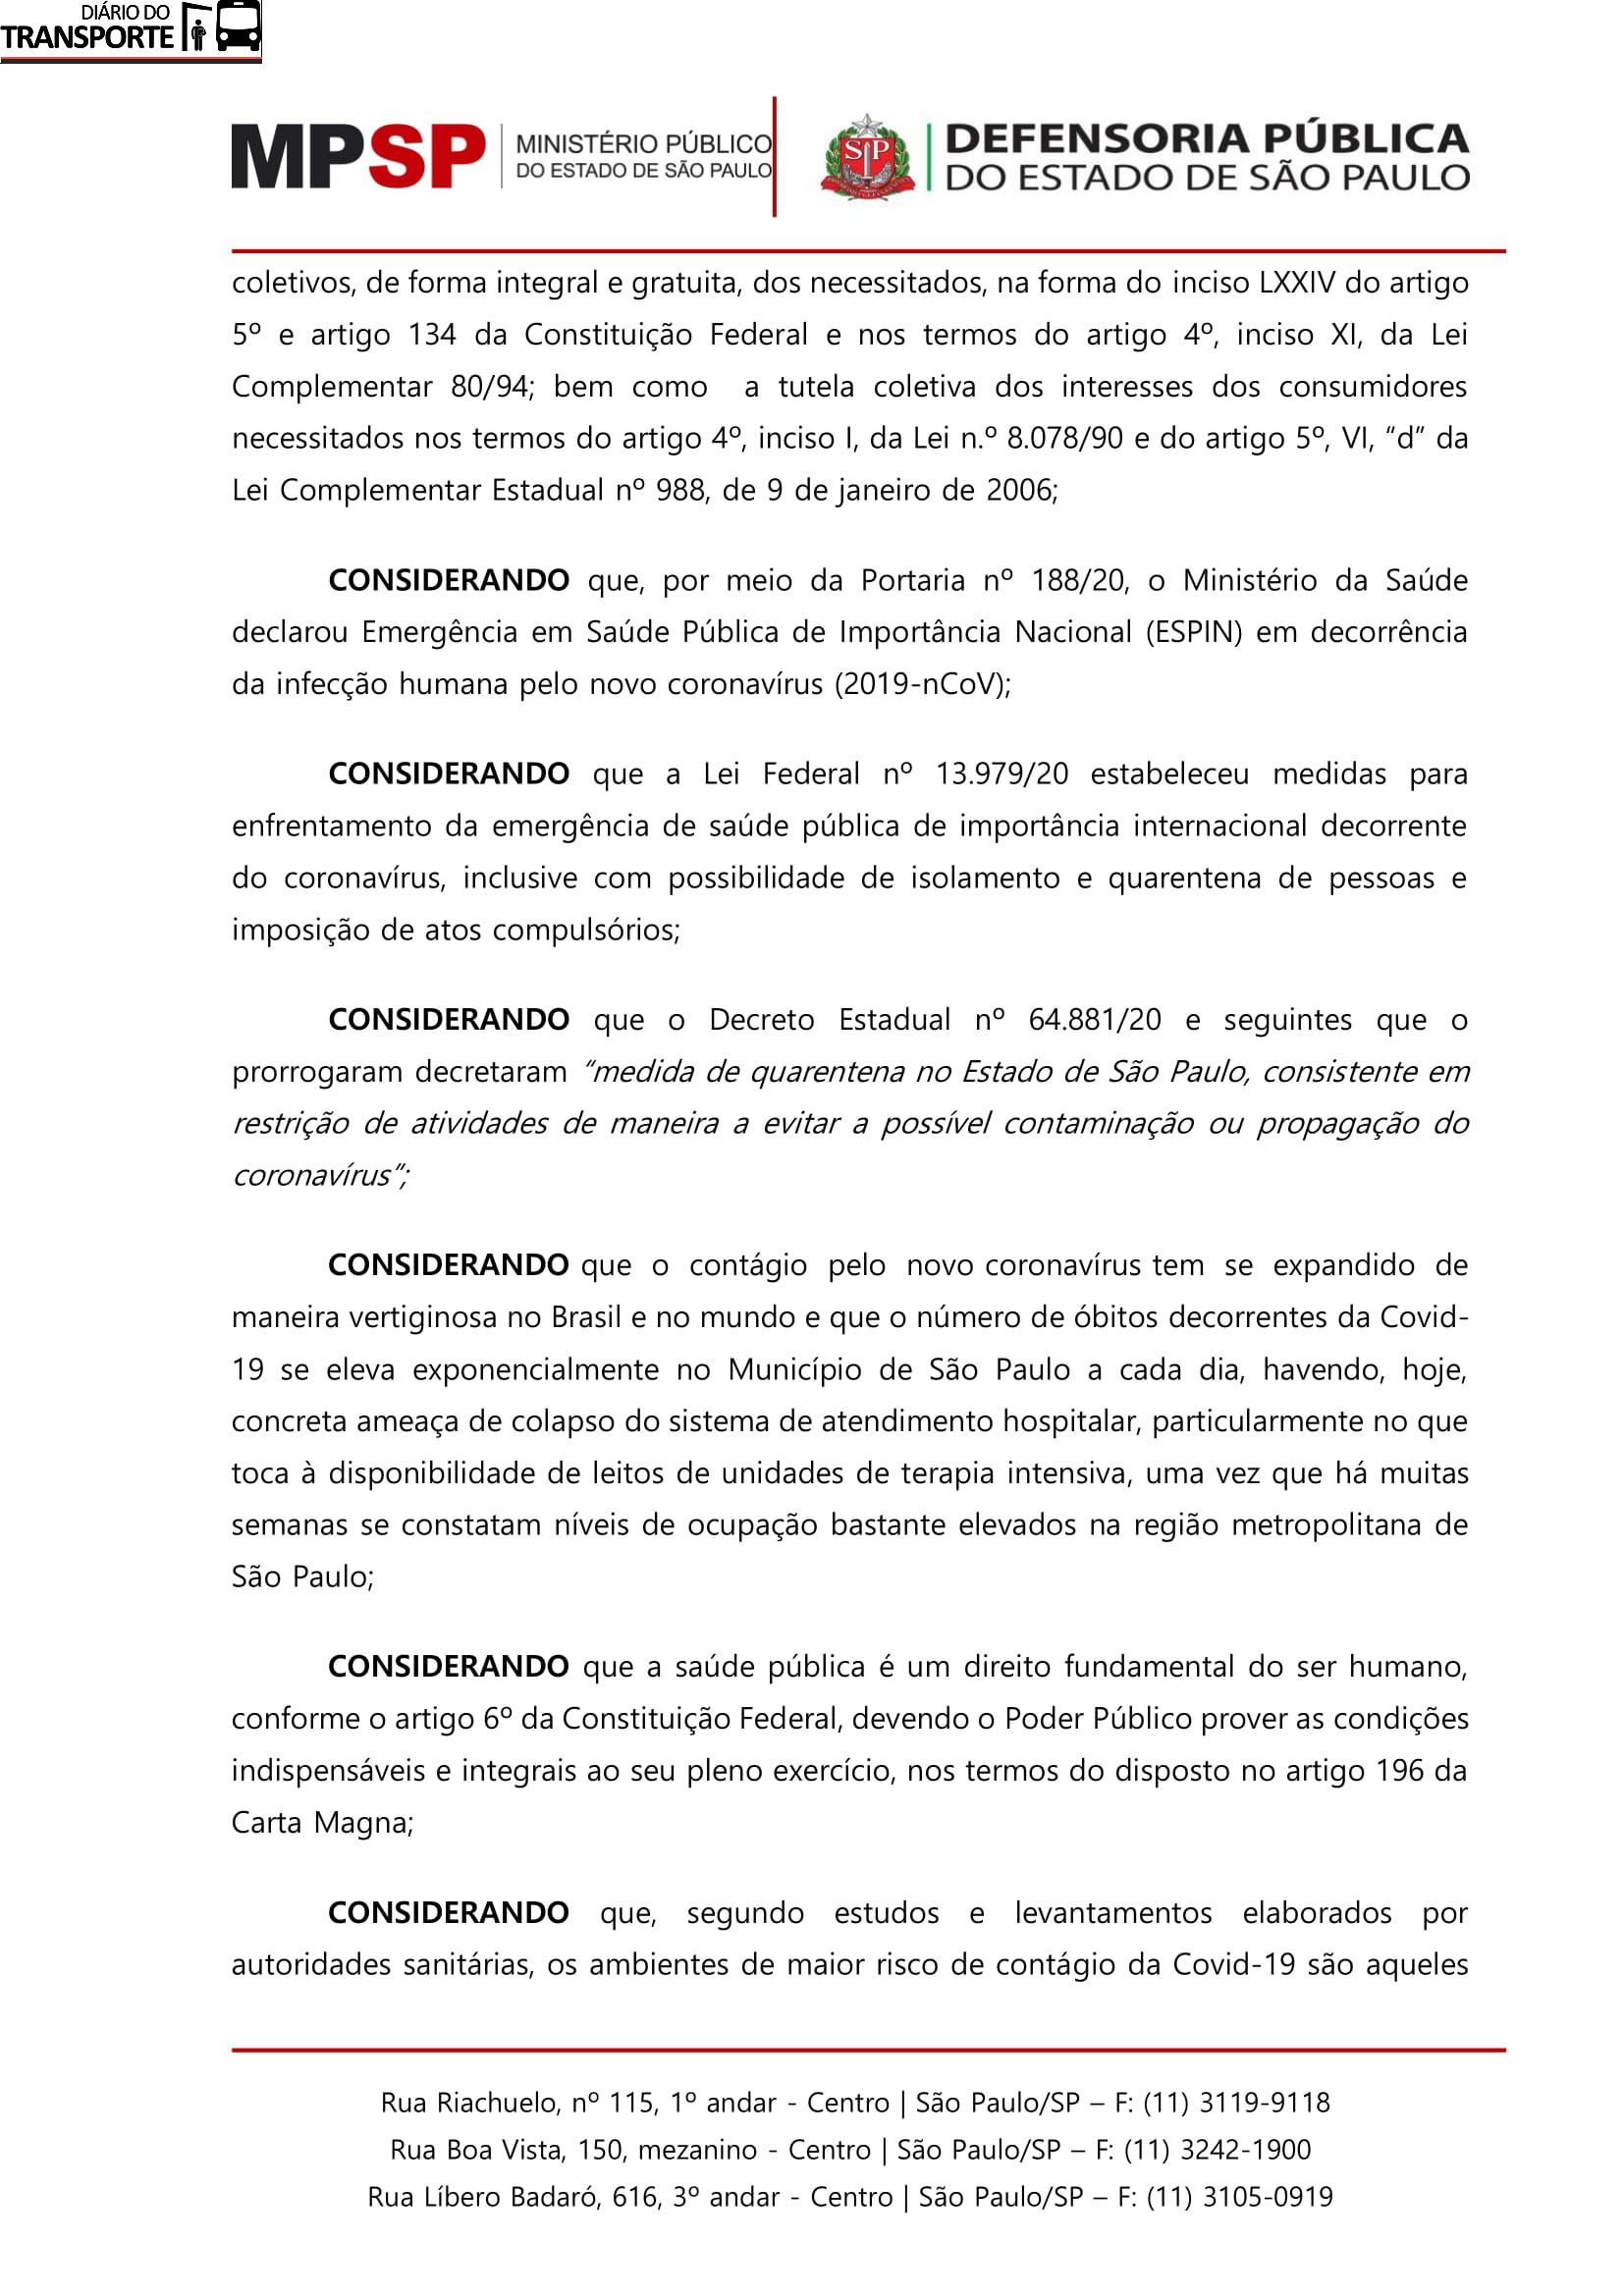 recomendação transporte_EMTU-02